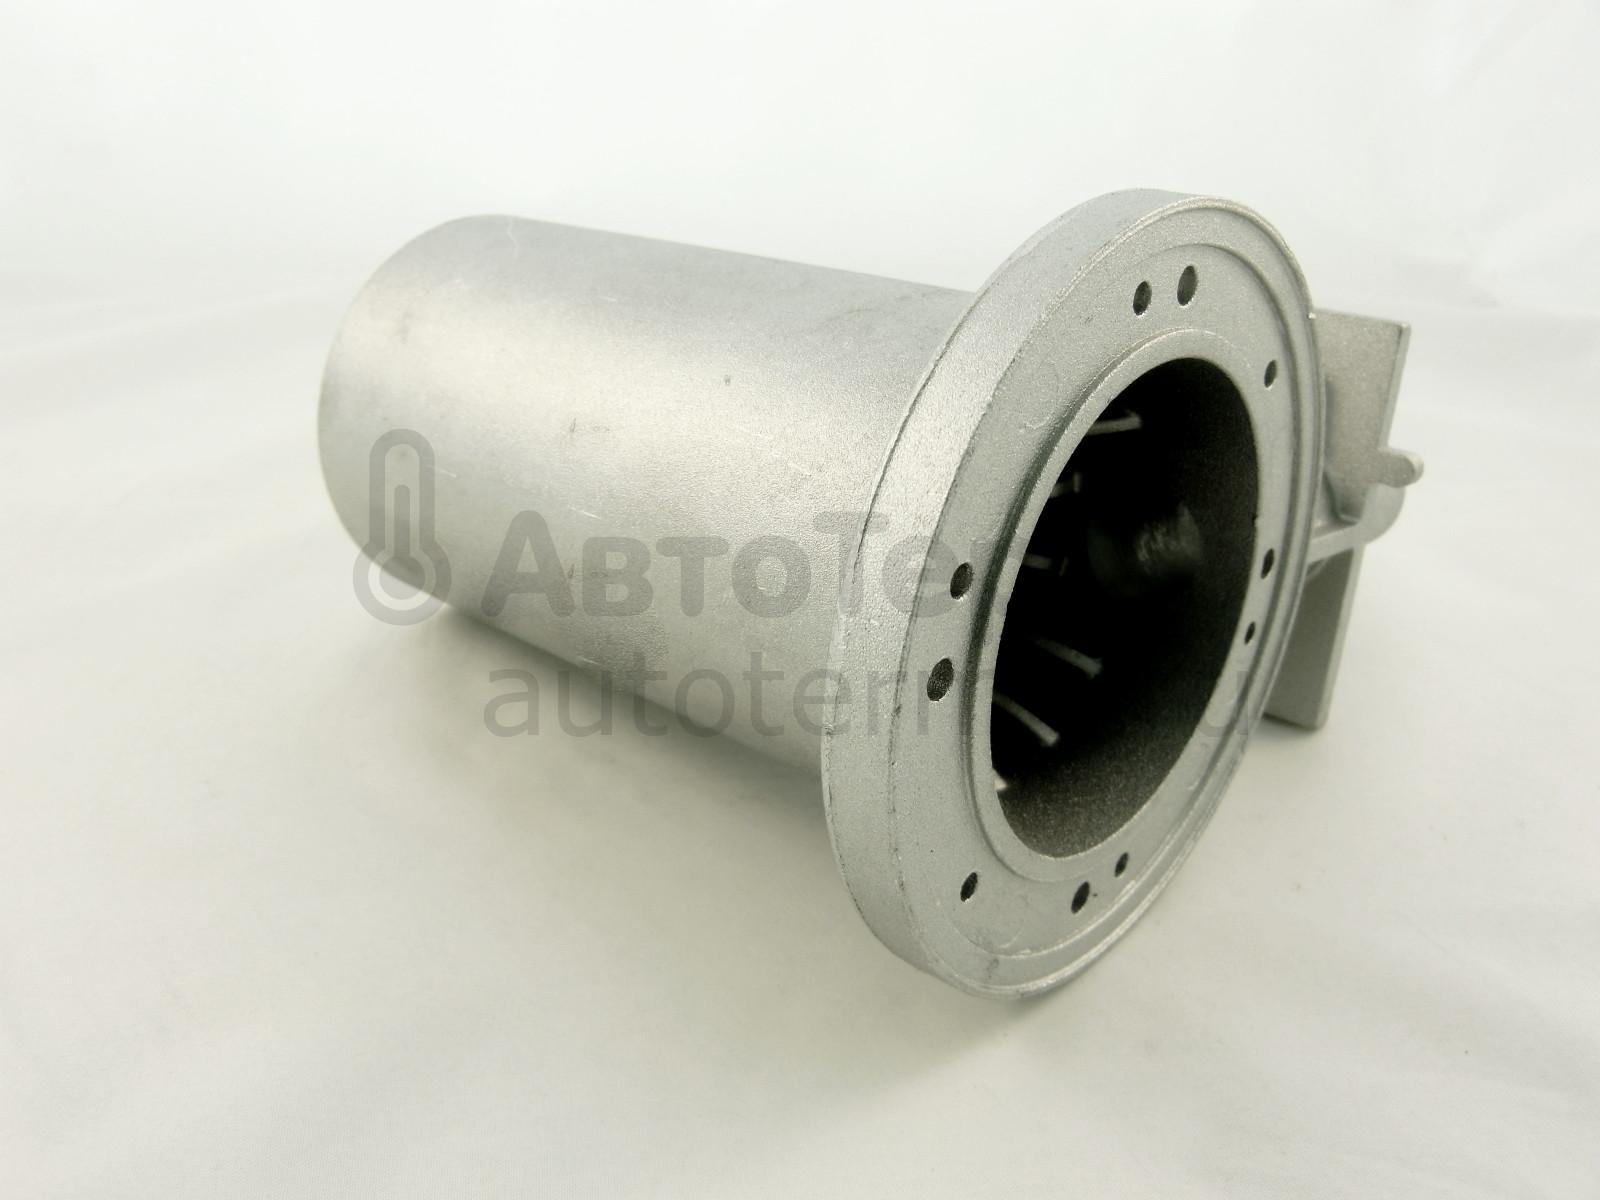 Теплообменник 4дм2 Кожухотрубный испаритель Alfa Laval PCD226-1 Серов